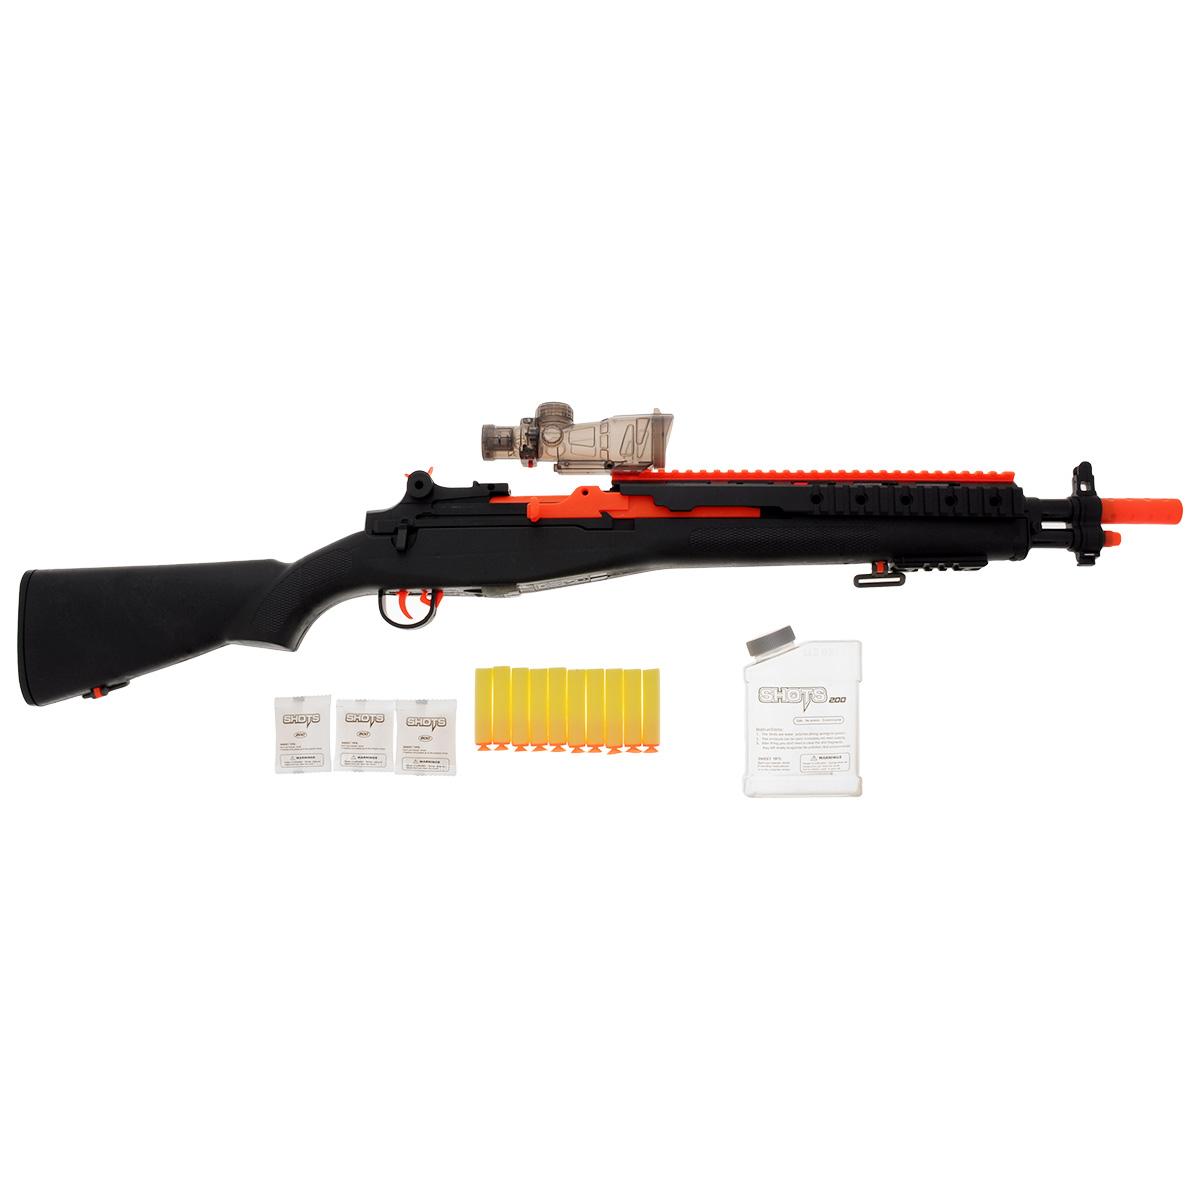 Винтовка Mioshi Army Стража: М79, цвет: черныйMAR1106-012Винтовка Mioshi Army Стража: М79 безусловно, понравится любому мальчишке, который любит войнушки и стрелялки. Это многофункциональное и самое безопасное в мире оружие обладает световыми эффектами, лазерным прицелом и целым набором включая набор шариков в количестве 600 штук и 10 присосок, которыми так же может стрелять винтовка. Яркий урбанистический дизайн так же не может не порадовать современного ребенка, он обязательно привлечет внимание в купе с разнообразием набора и его функционалом, делая вашего ребенка настоящим героем двора. . В набор входит 600 гелевых шариков. Длина винтовки - 79 см. Дальность стрельбы - до 24 м. Для работы подсветки требуются 2 батарейки AG13 (входят в комплект).